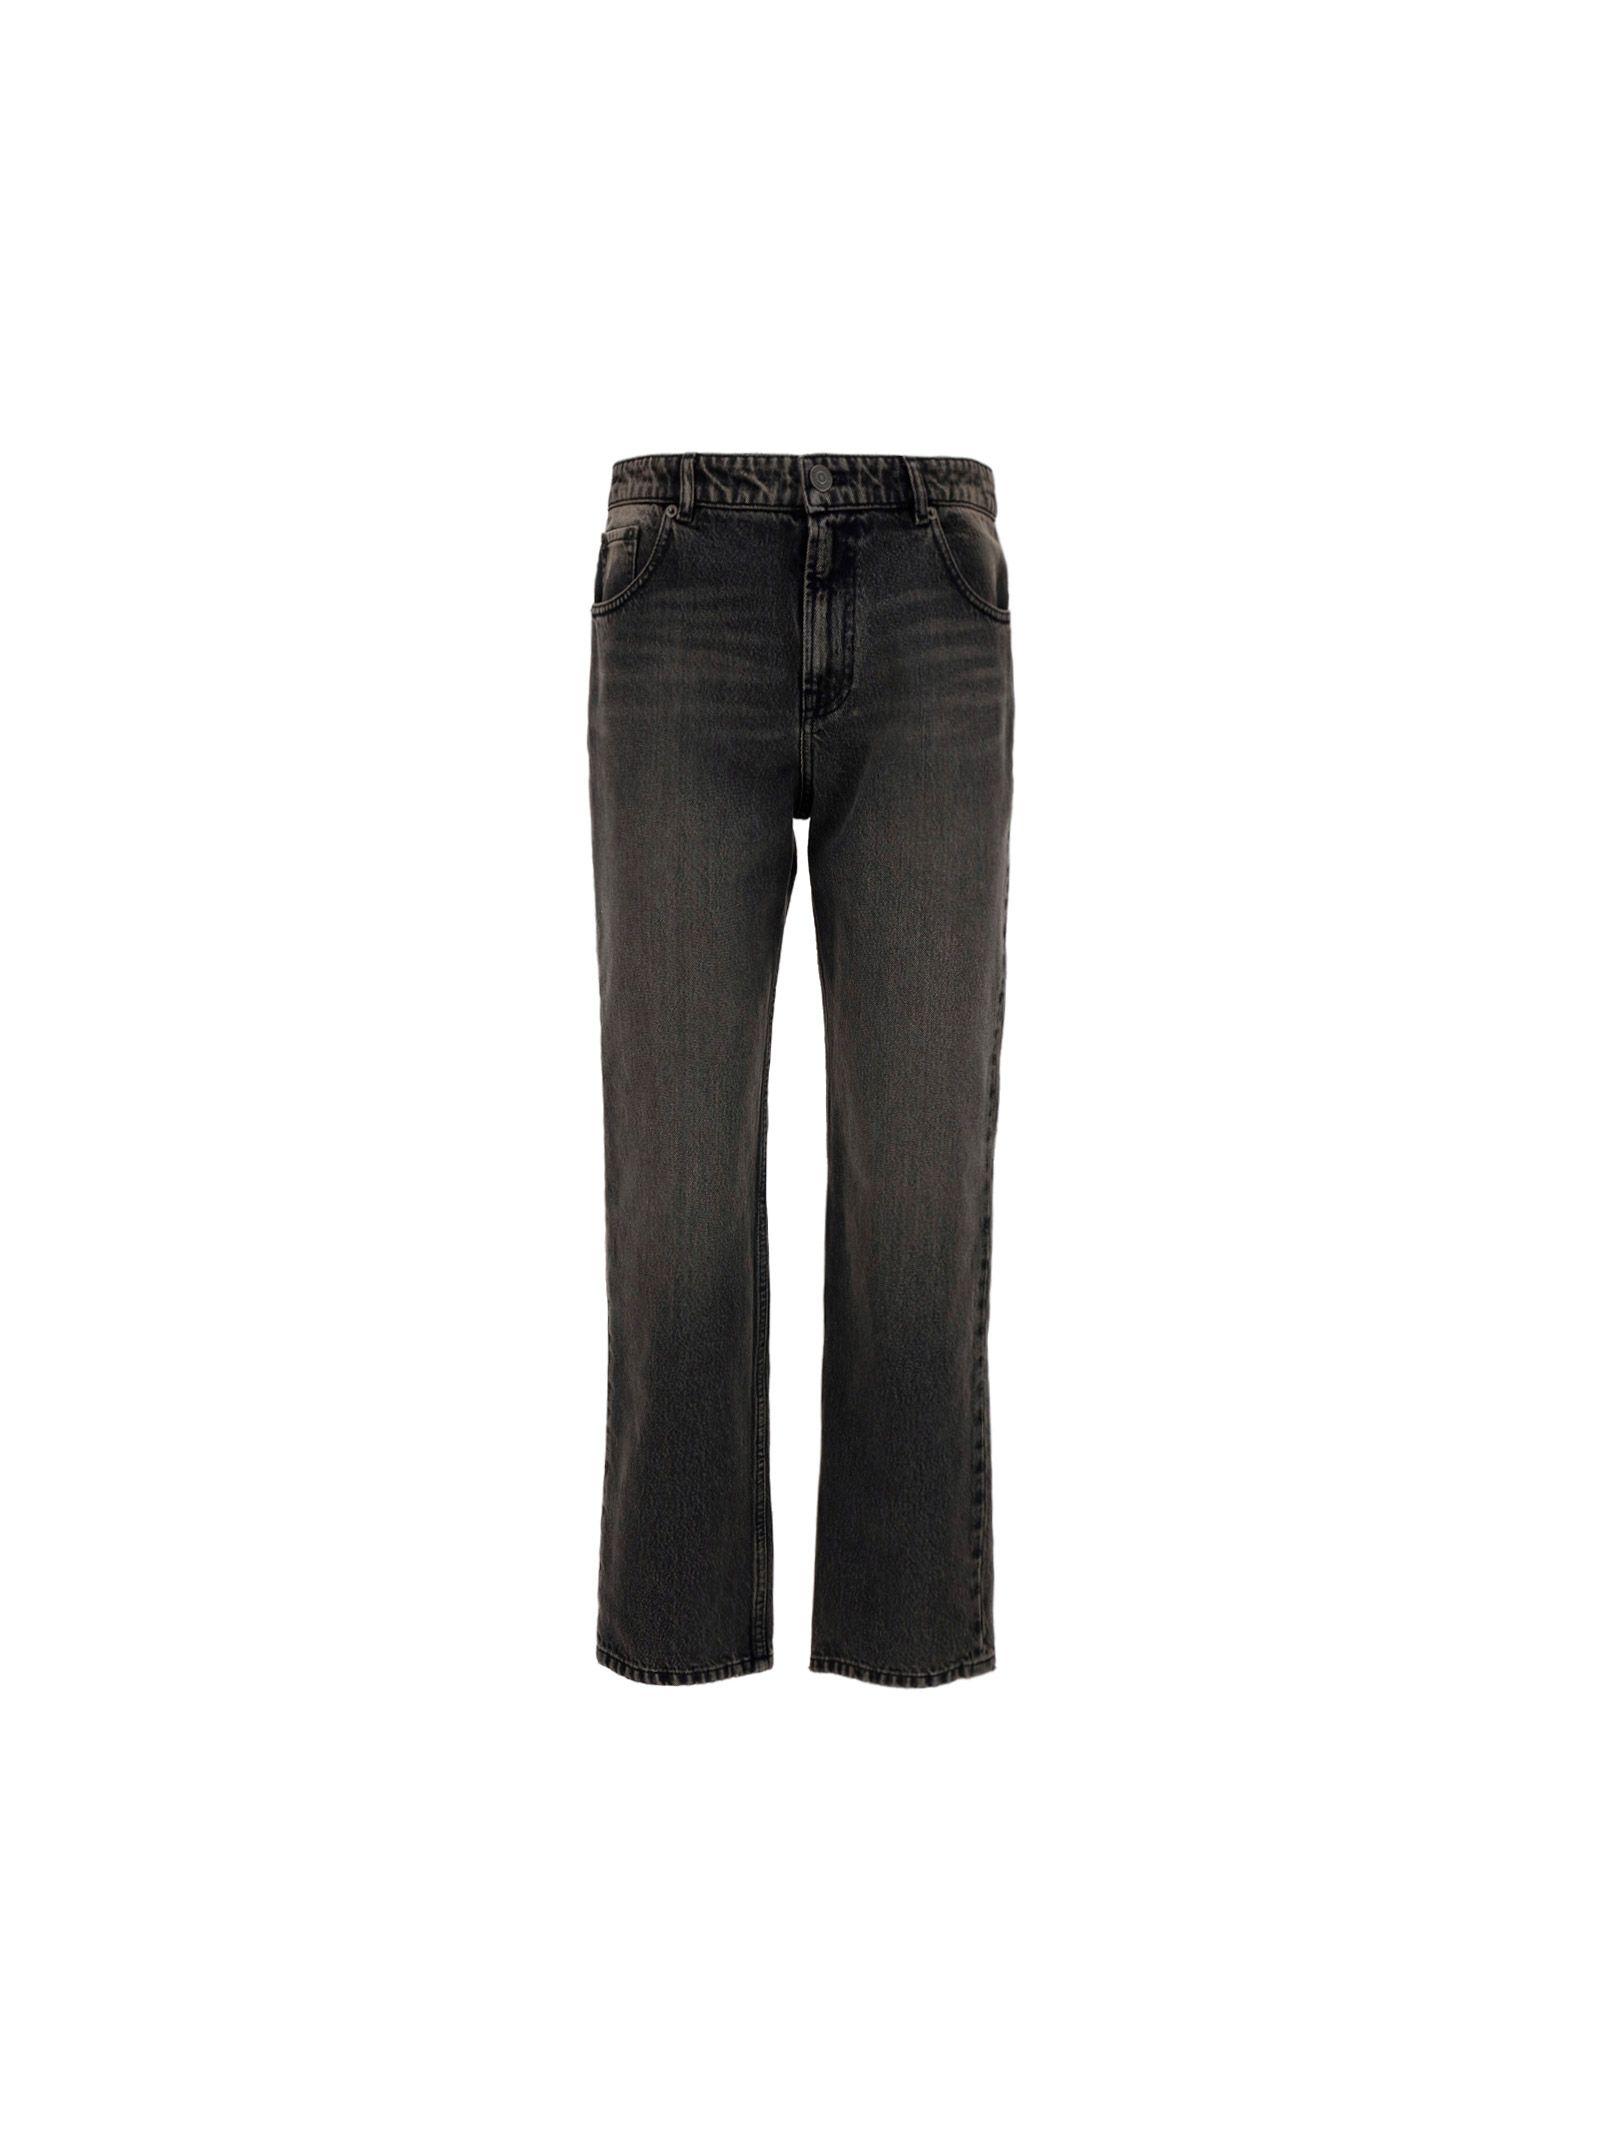 Balenciaga BALENCIAGA WOMEN'S BLACK OTHER MATERIALS PANTS